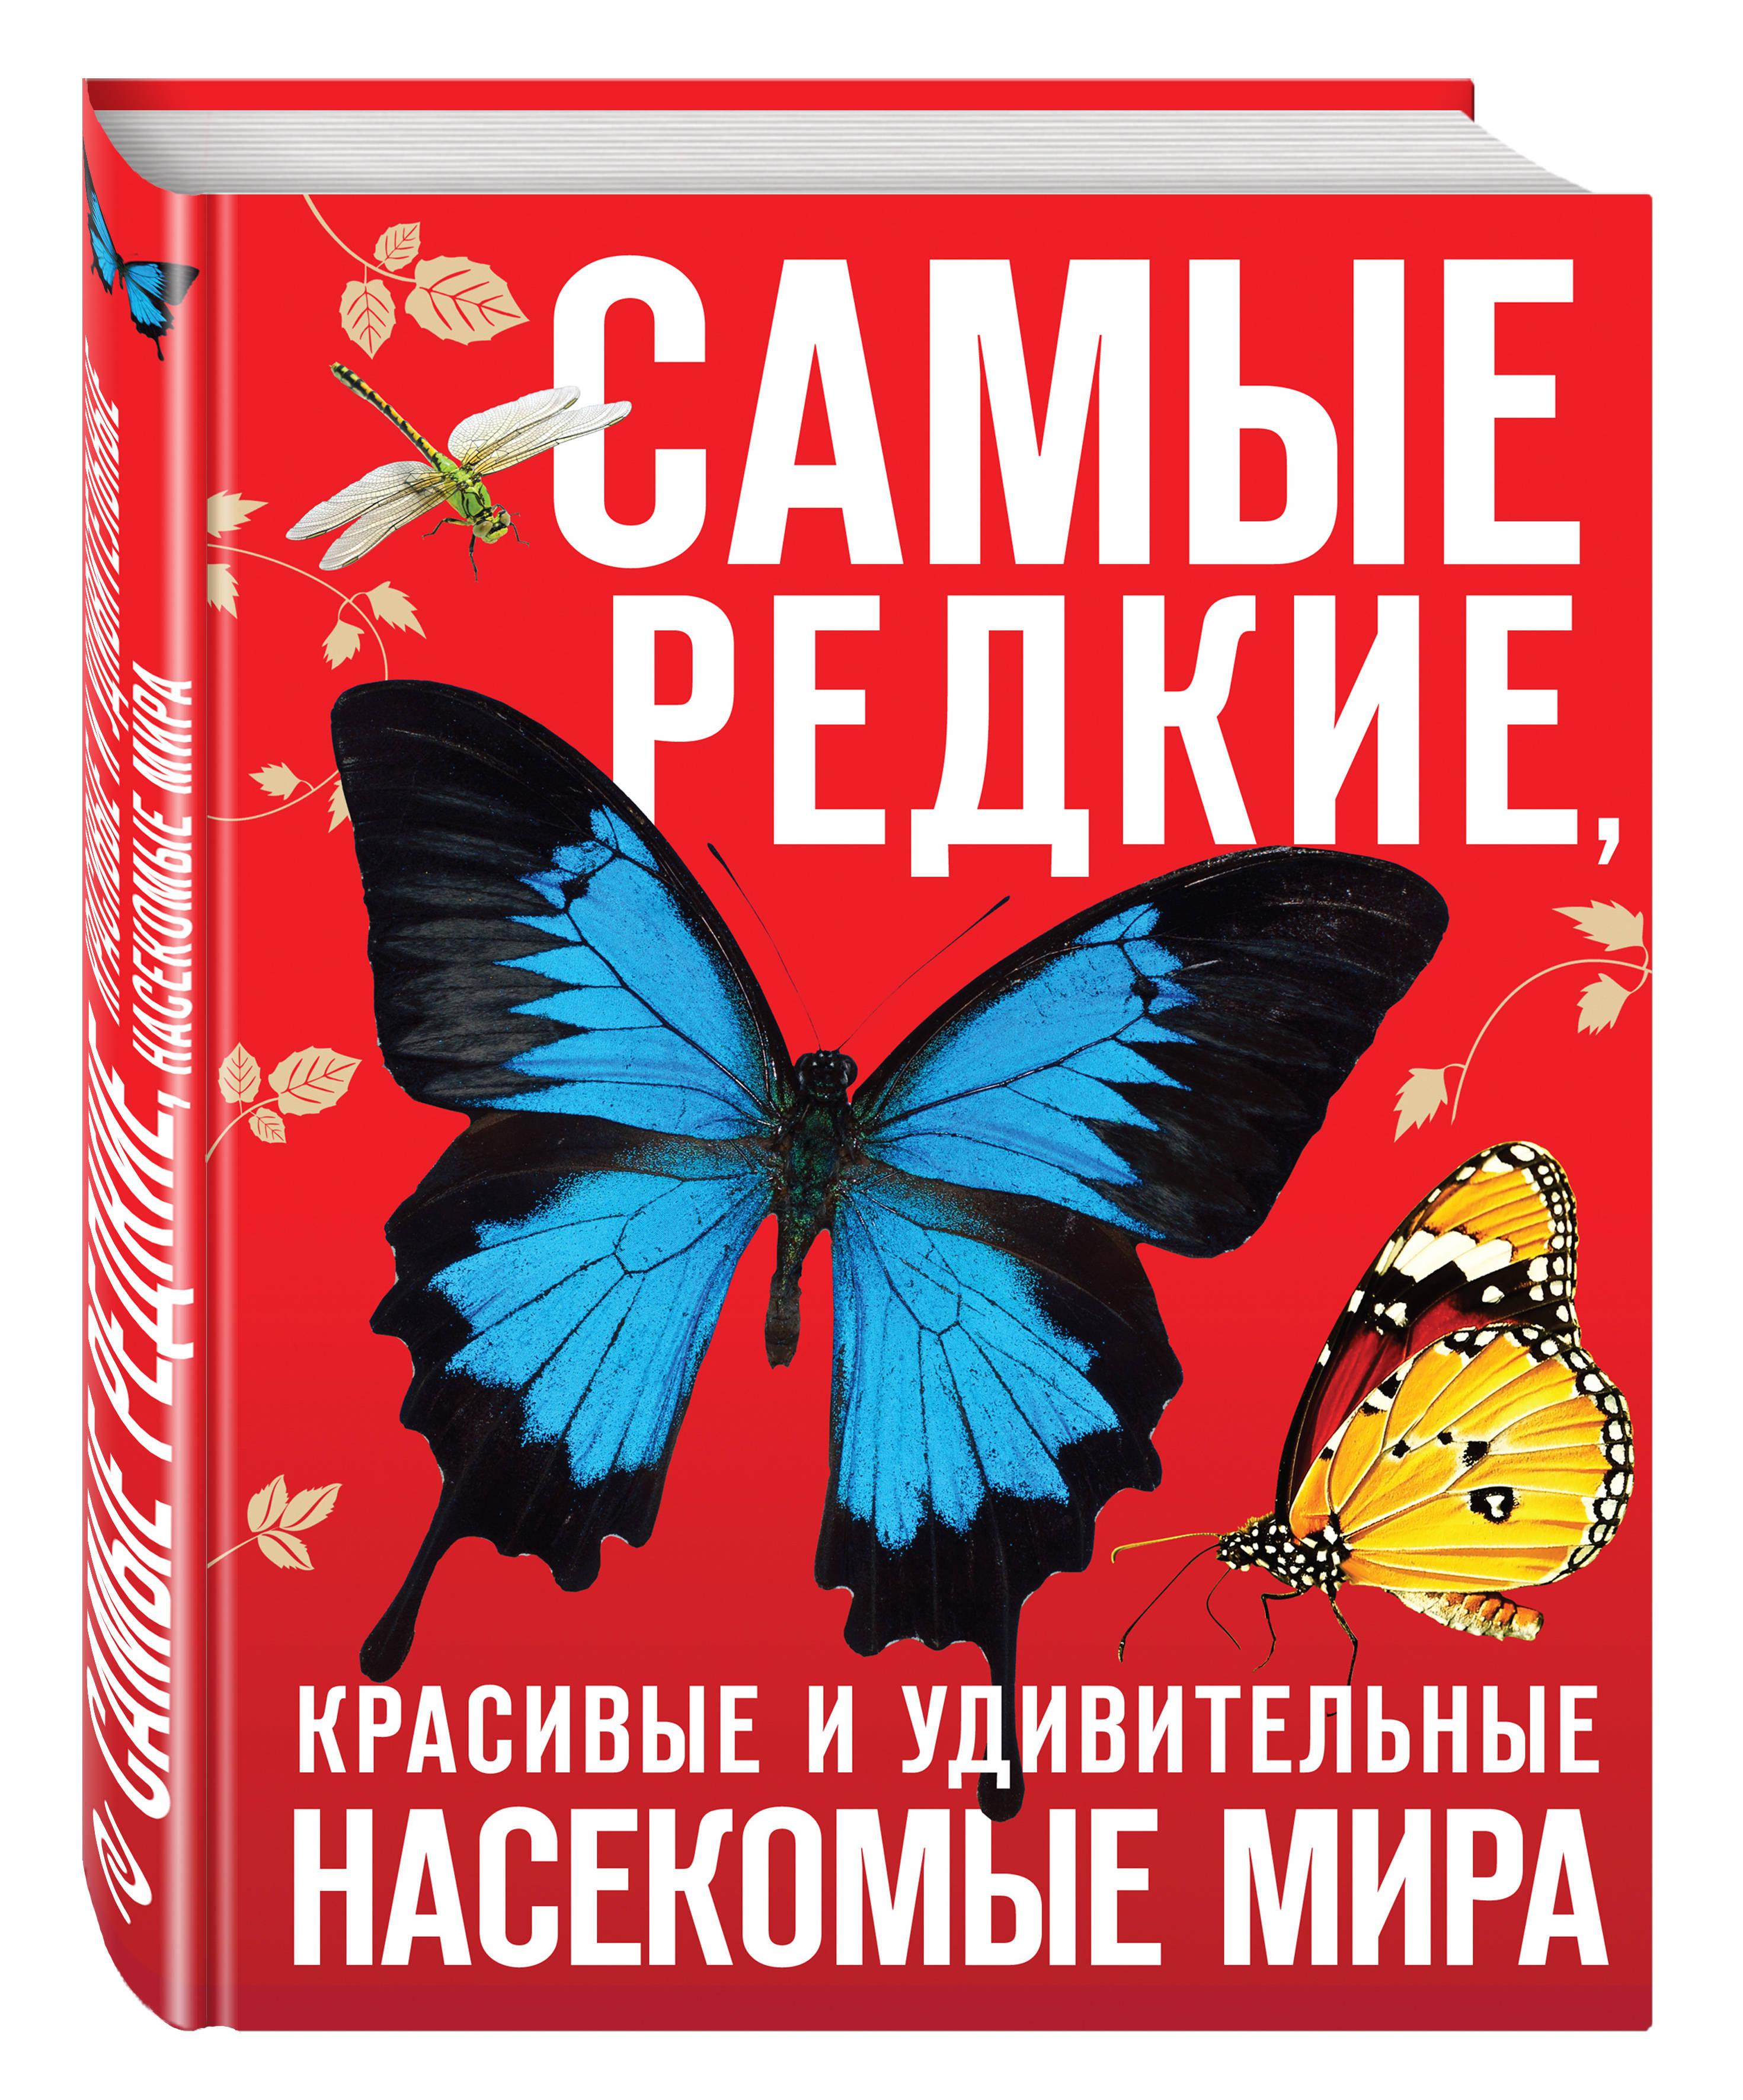 Самые редкие, красивые и удивительные насекомые мира ( Лукашанец Д.А., Лукашанец Е.М., Сауткин Ф.В.  )